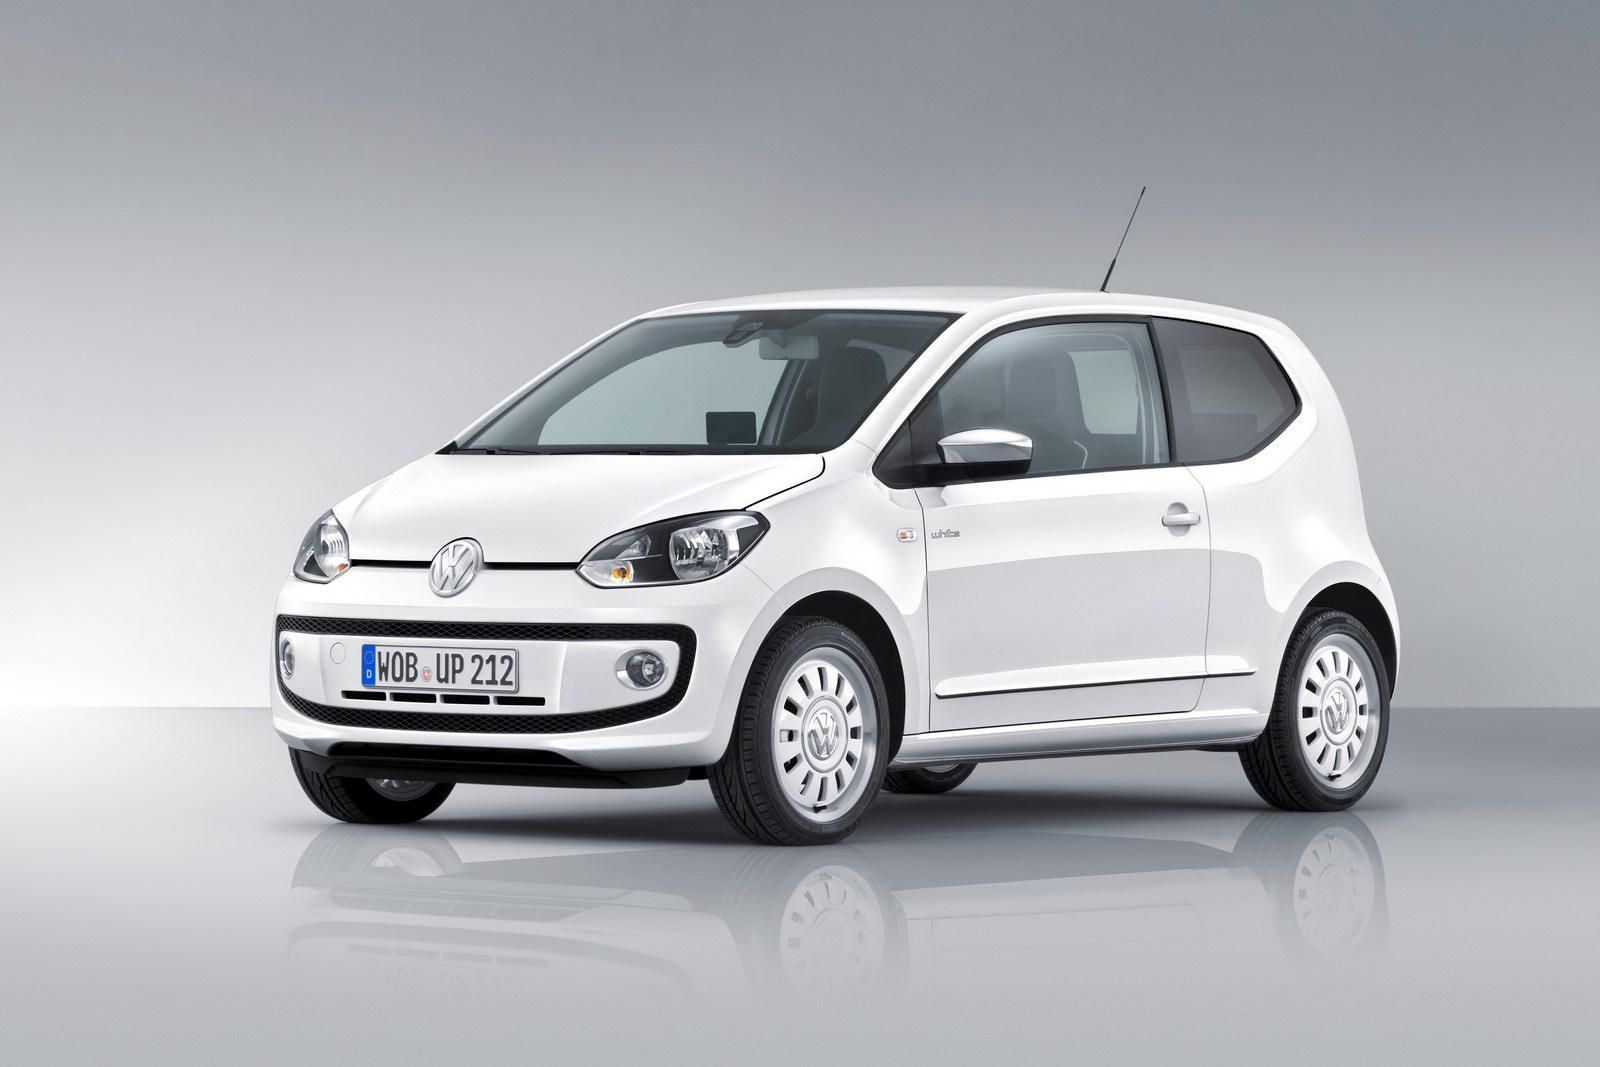 VW up wynajem samochodu z kierowca